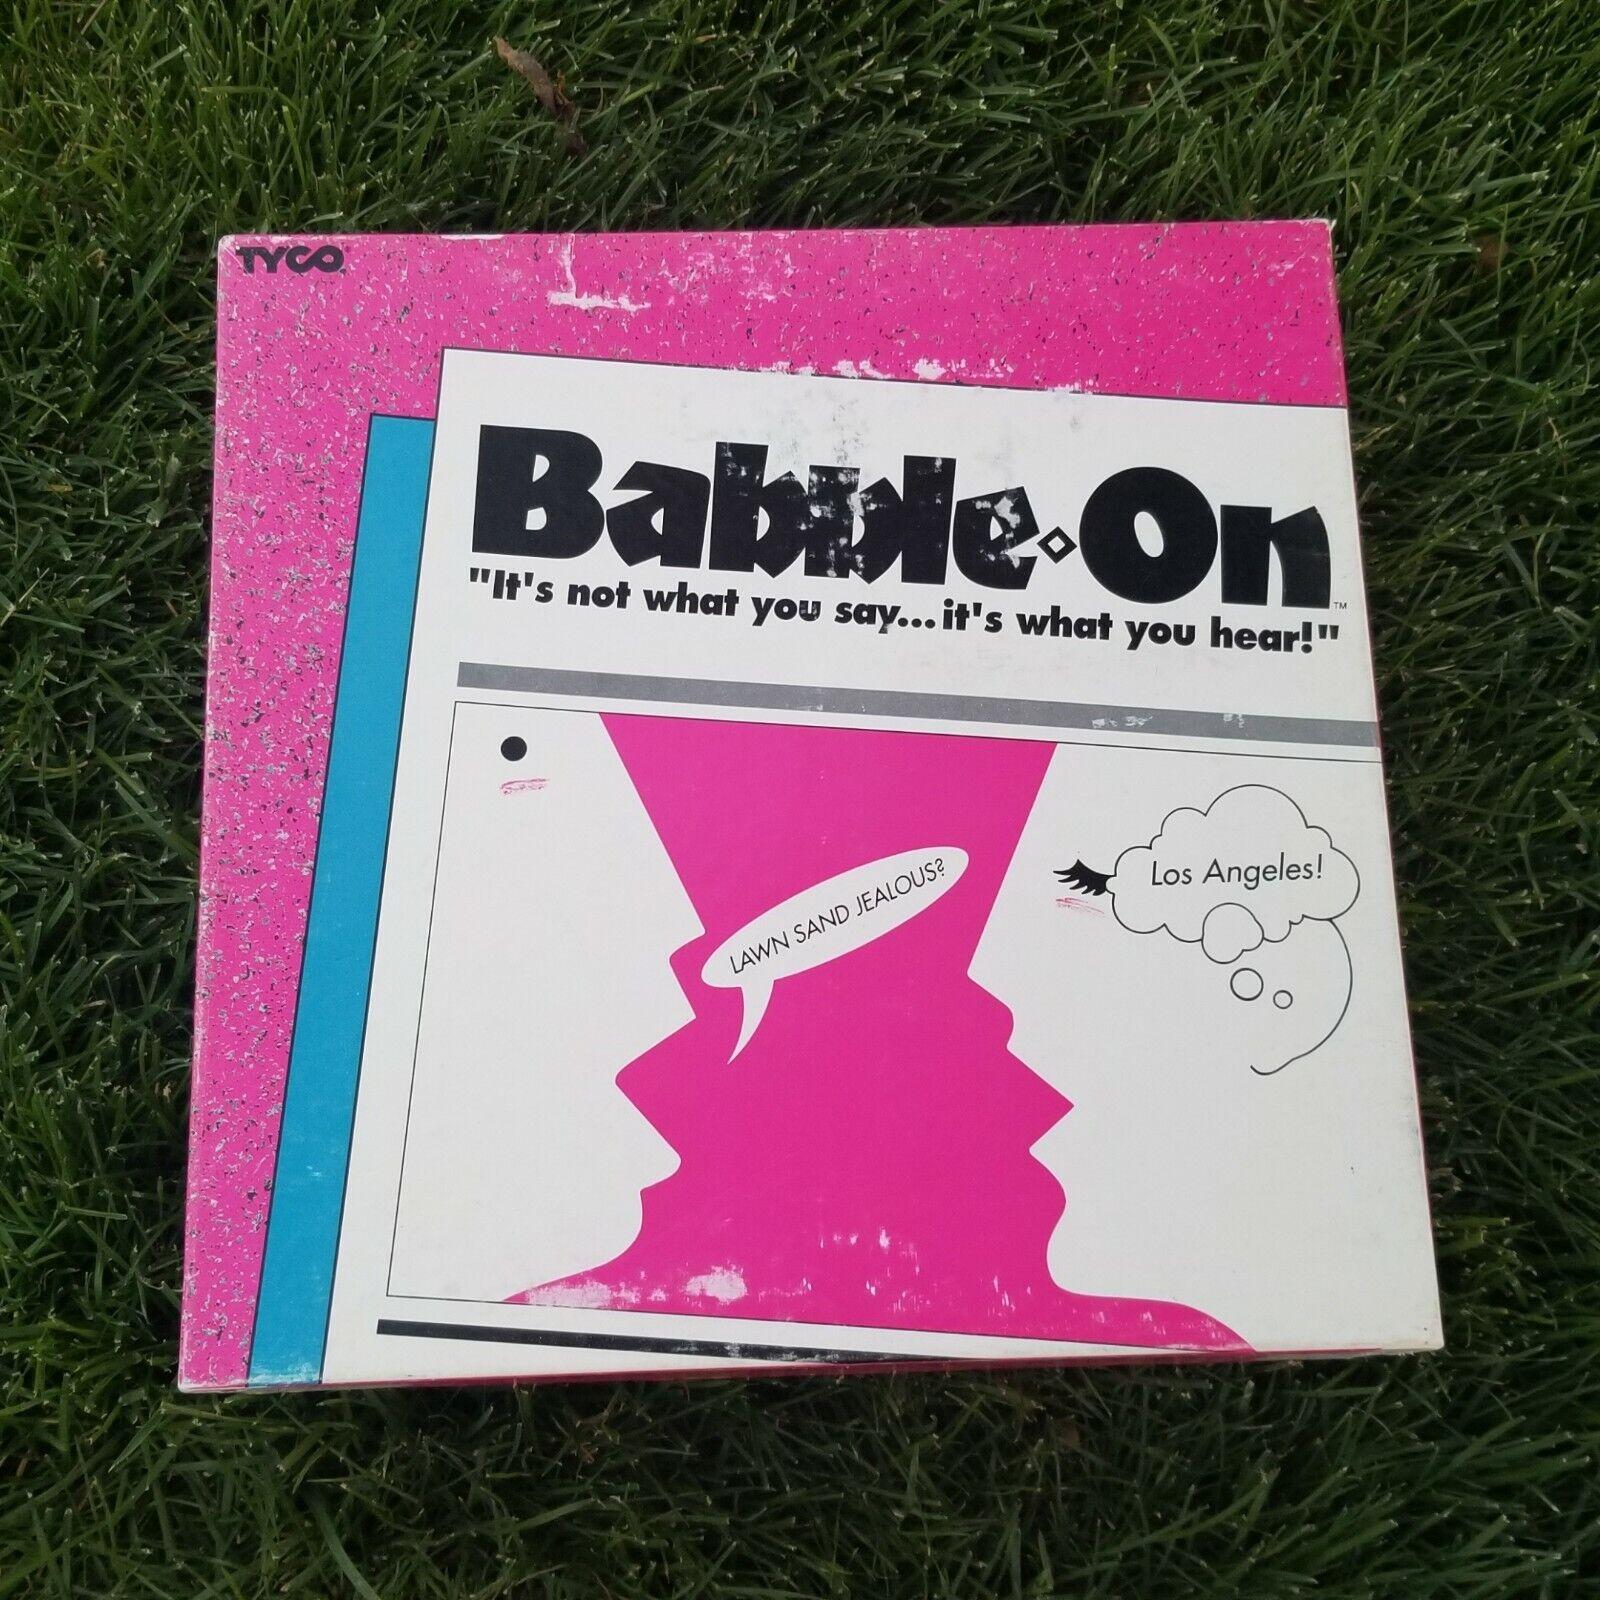 merce di alta qualità e servizio conveniente e onesto Vintage Babble On gioco from Tyco 1992 Very Very Very Good Condition completare gioco  costo effettivo